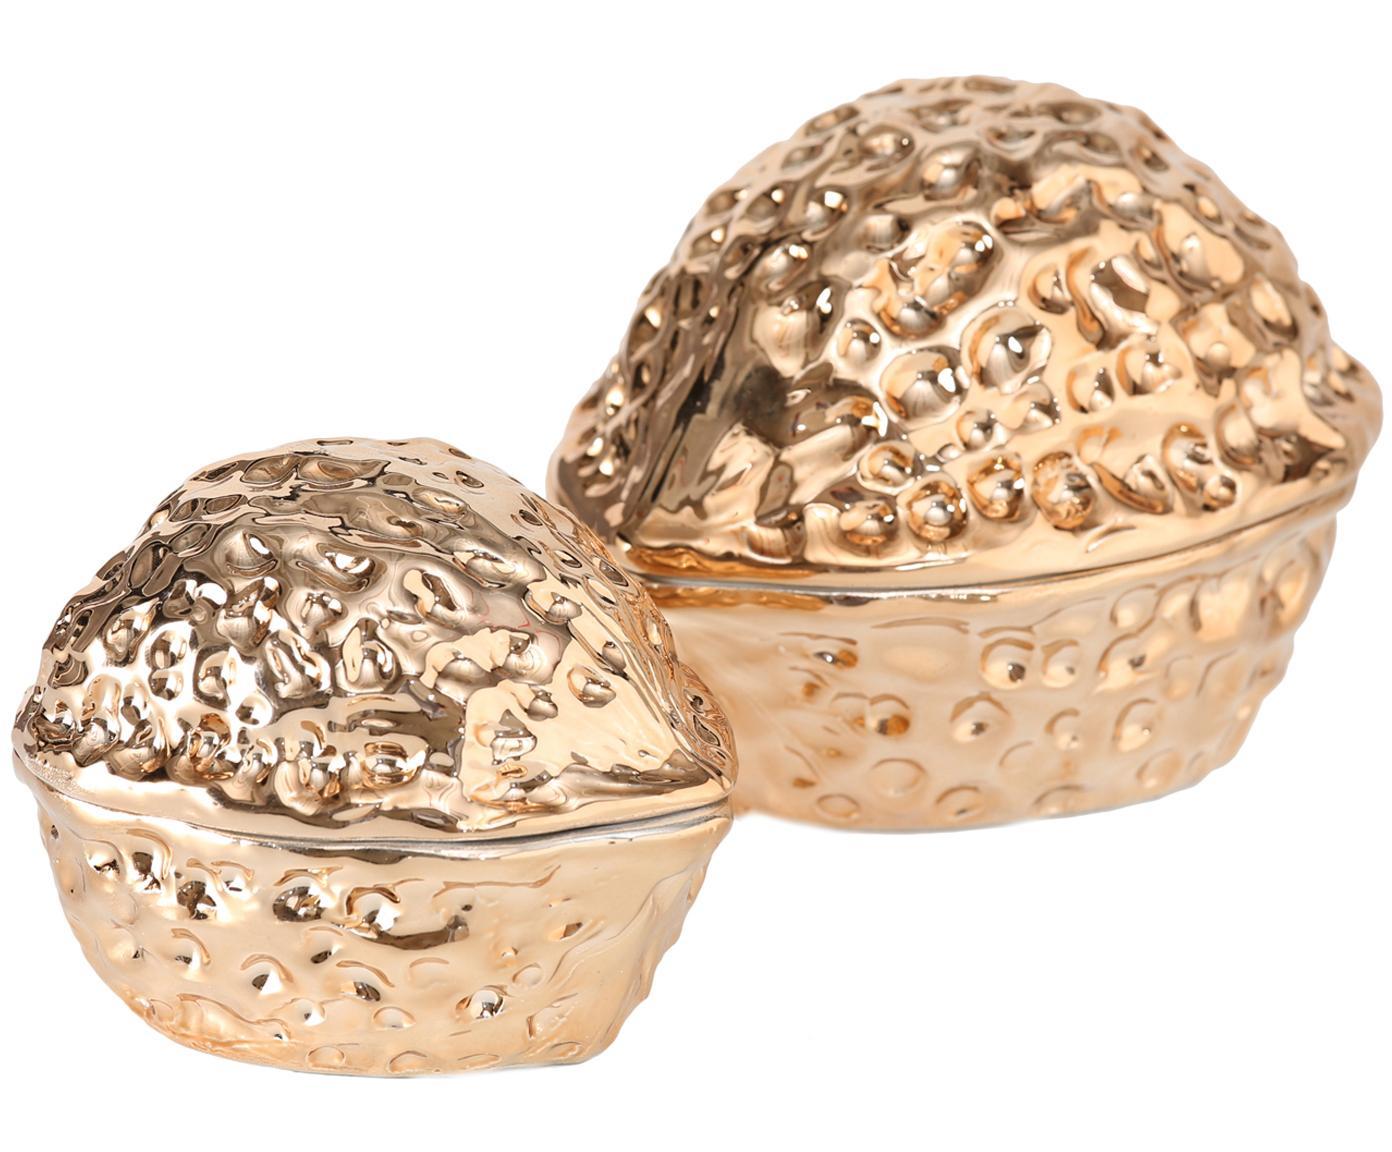 Opbergpottenset Walnut, 2-delig, Porselein, Goudkleurig, Verschillende formaten